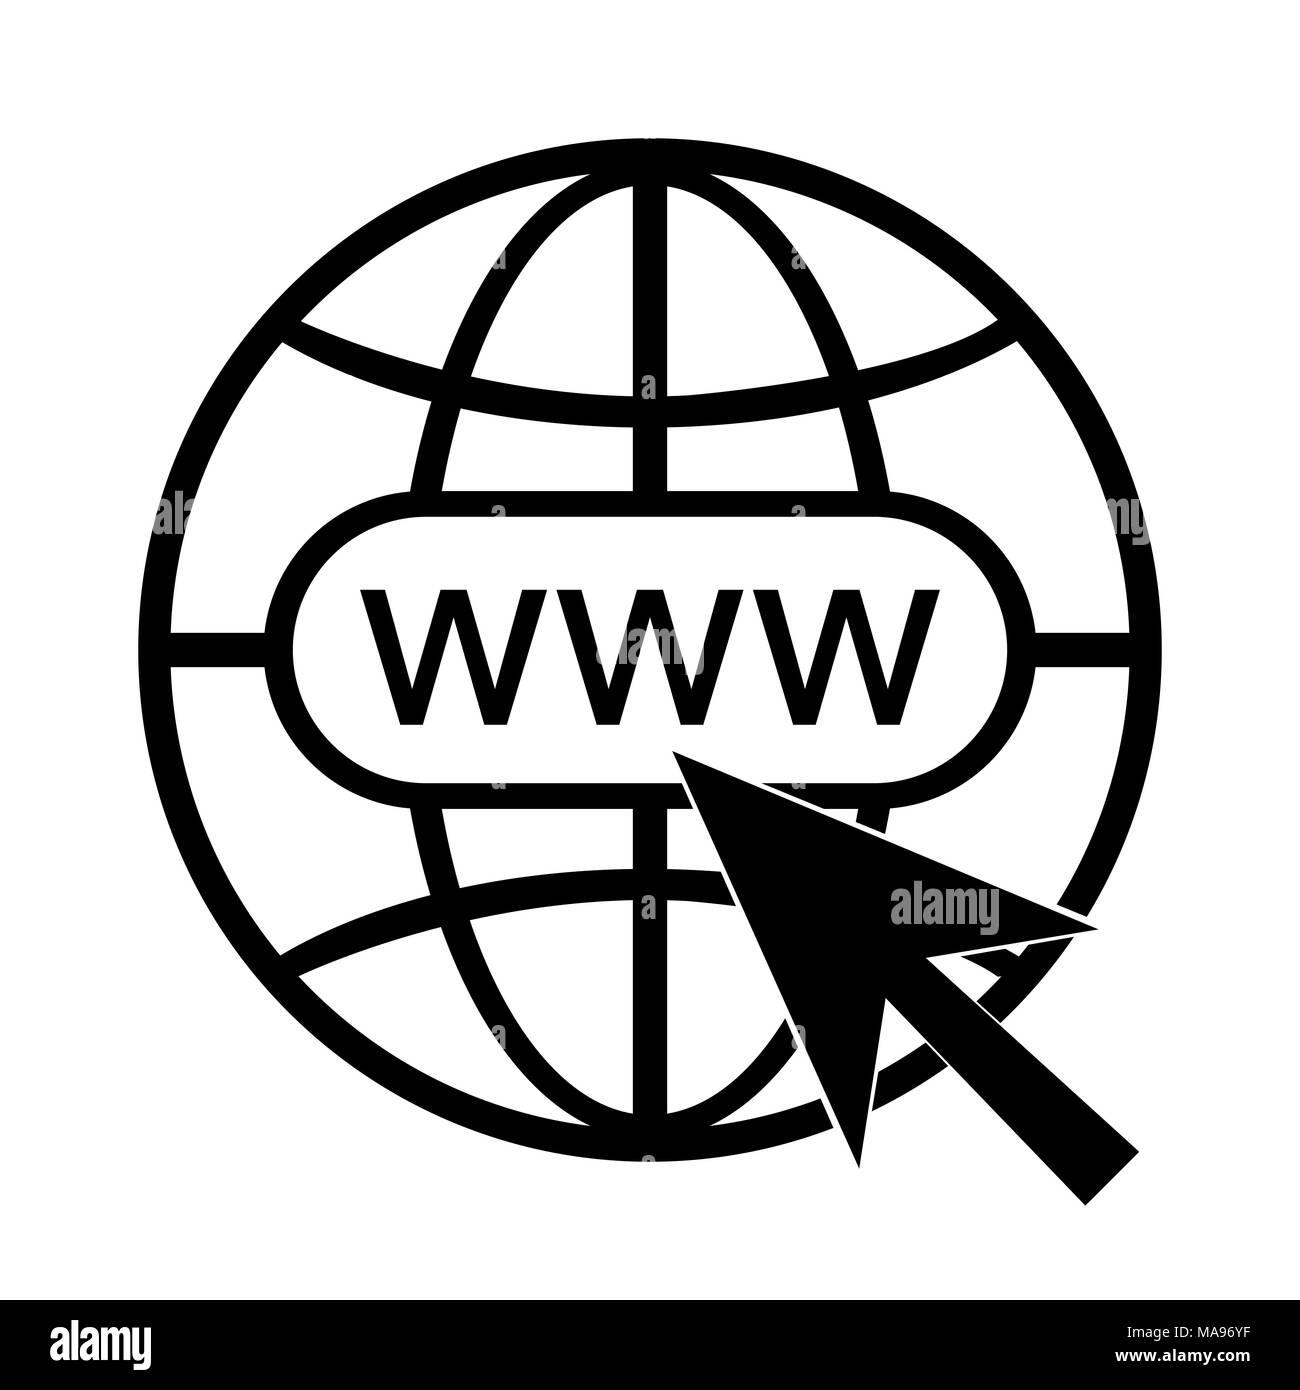 Www icona vettore simbolo del sito web illustrazione for Logo sito web